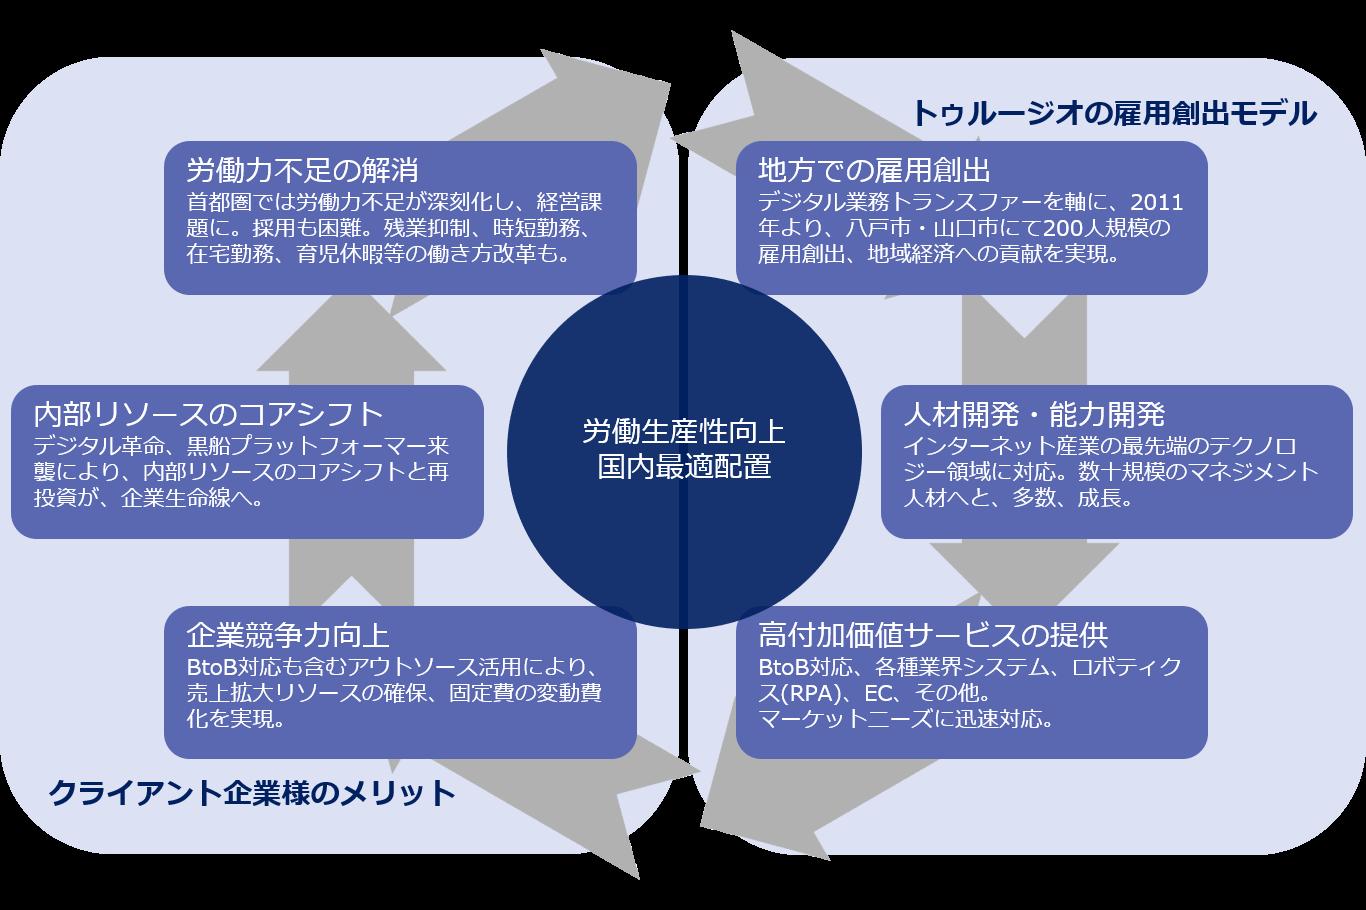 トゥルージオの事業モデル